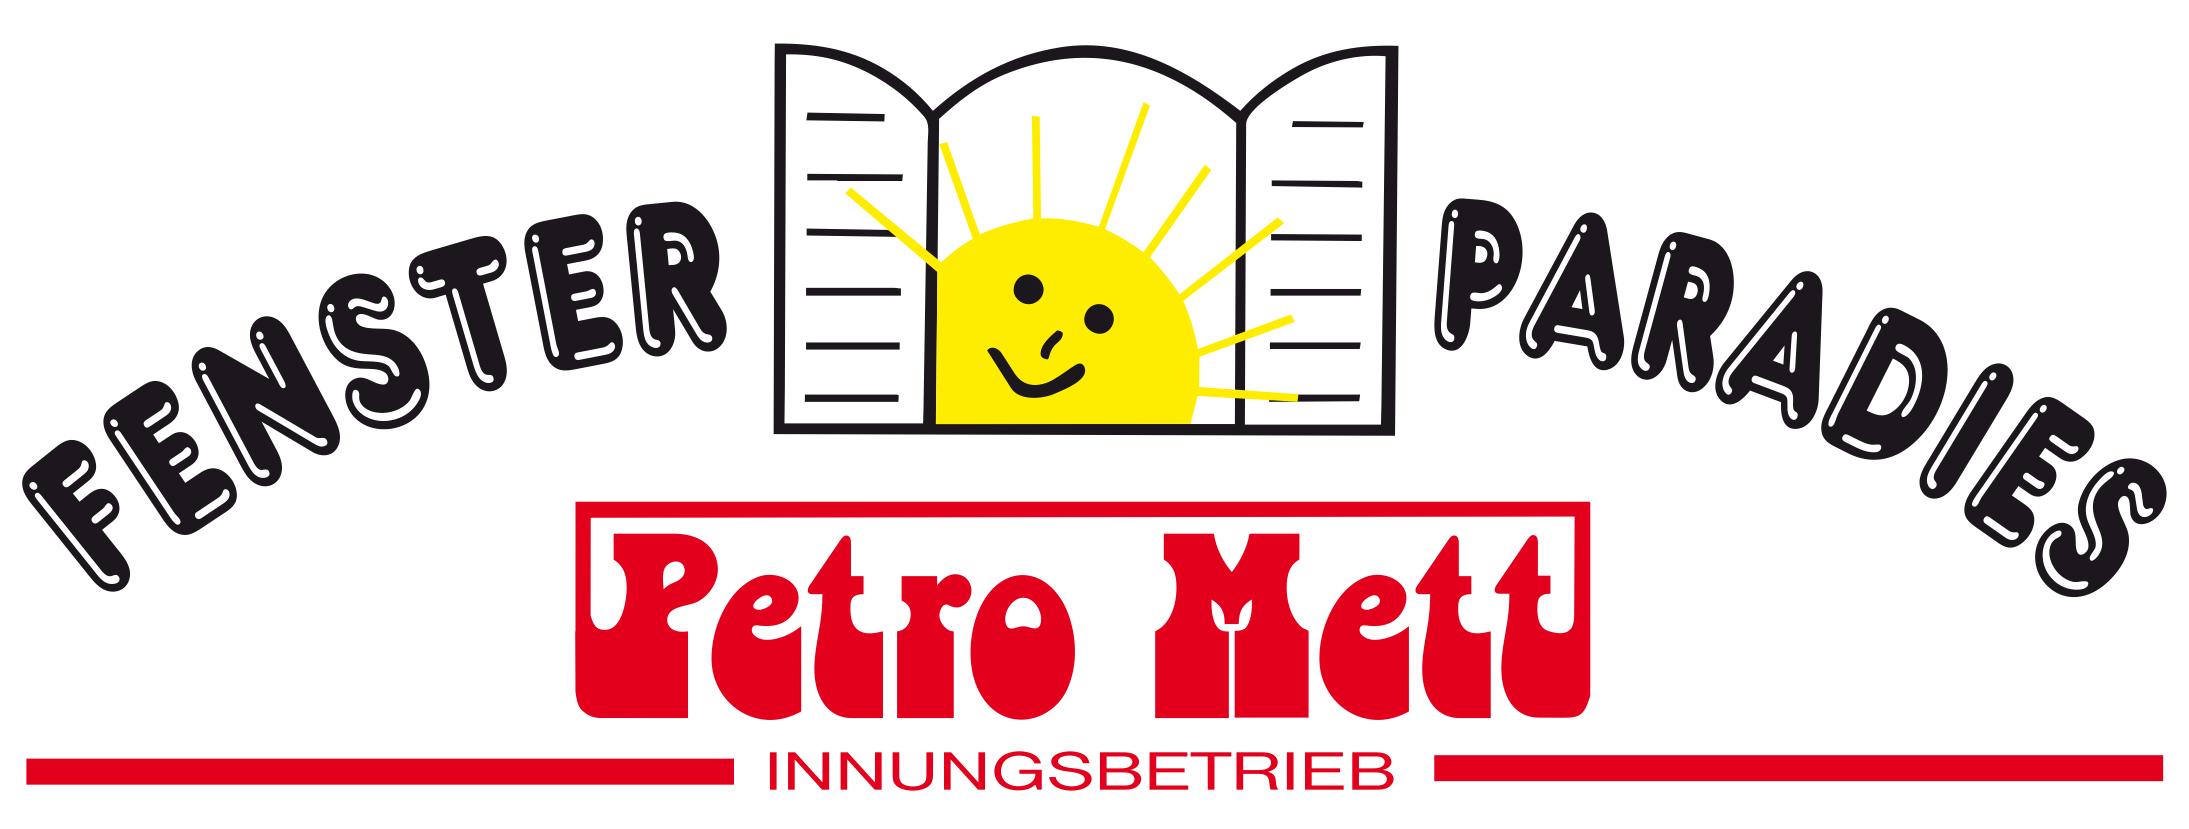 Fenster Paradies - Petro Mett